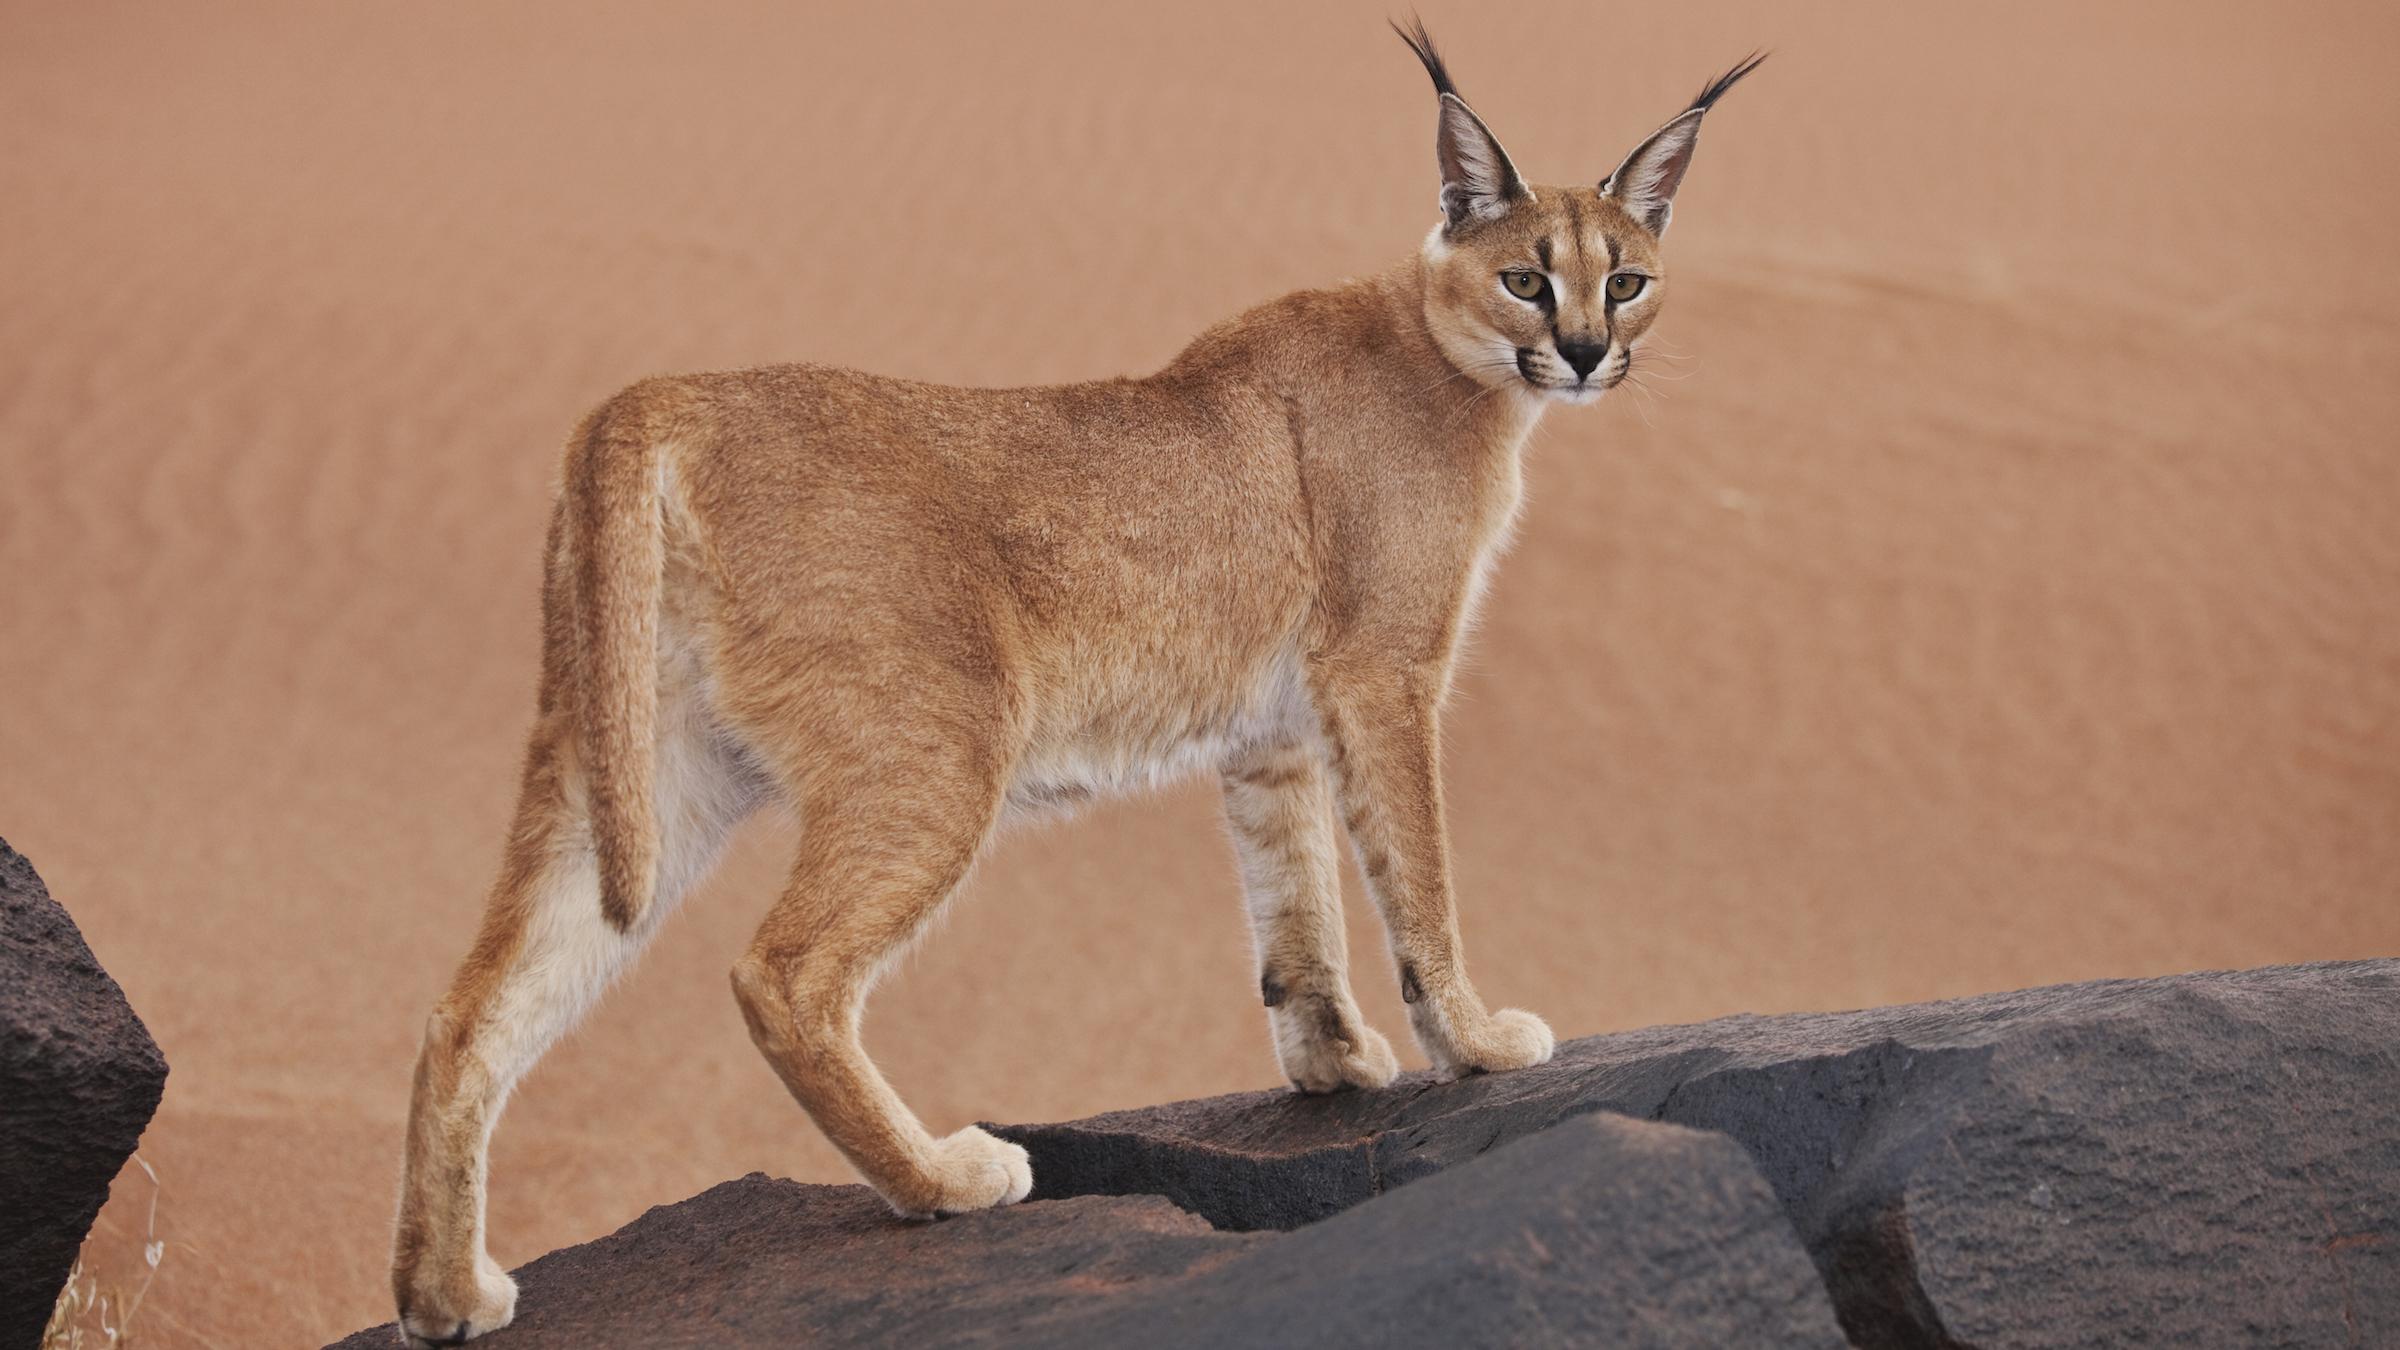 Ce petit chat sauvage - trouvé en Afrique, en Asie et en Inde - est connu pour ses oreilles noires tuftées, qui lui donnent le surnom de lynx du désert.